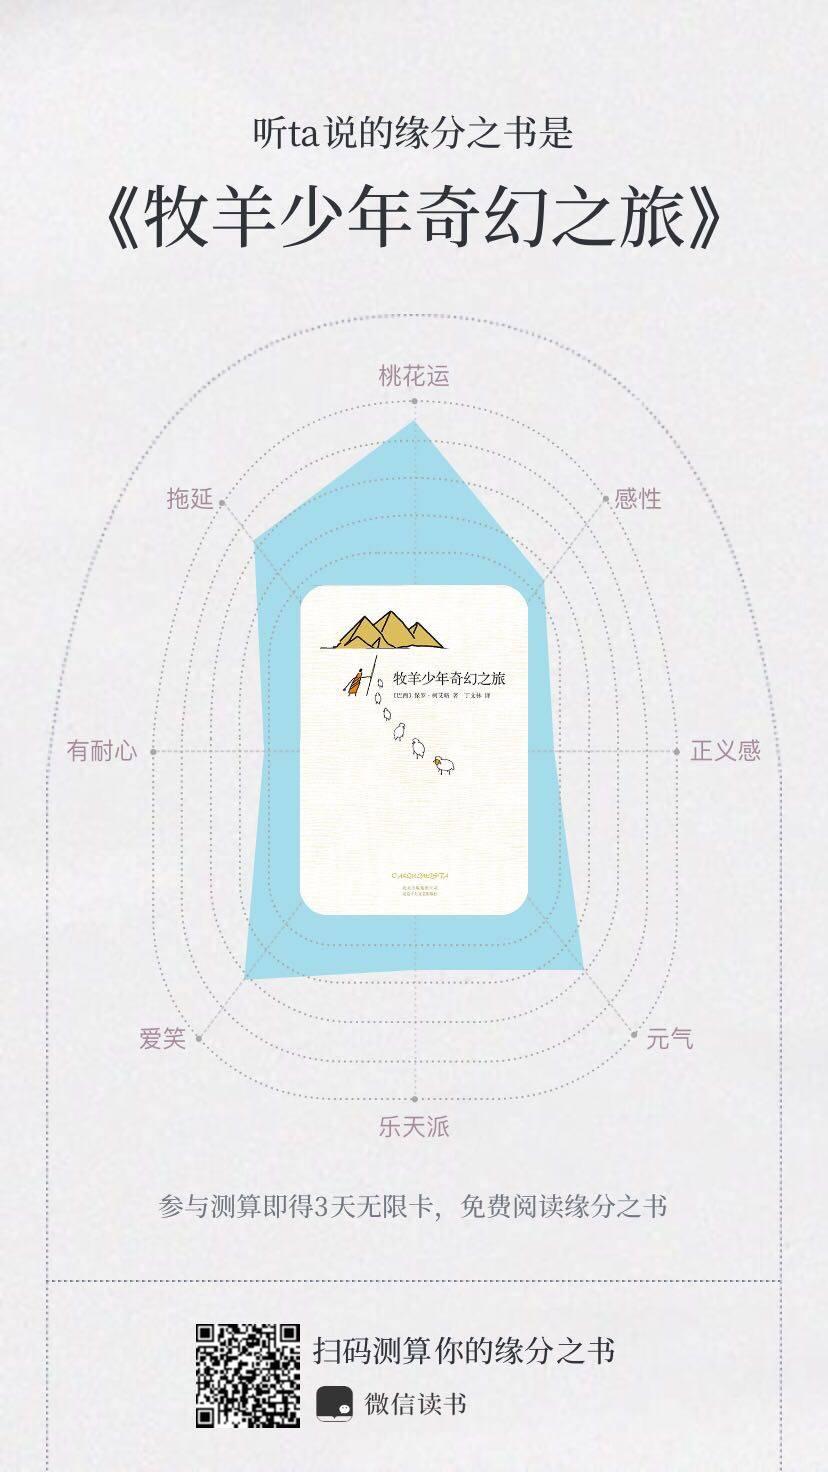 鸟哥笔记,行业动态,木木君,行业动态,产品分析,运营模式,产品运营